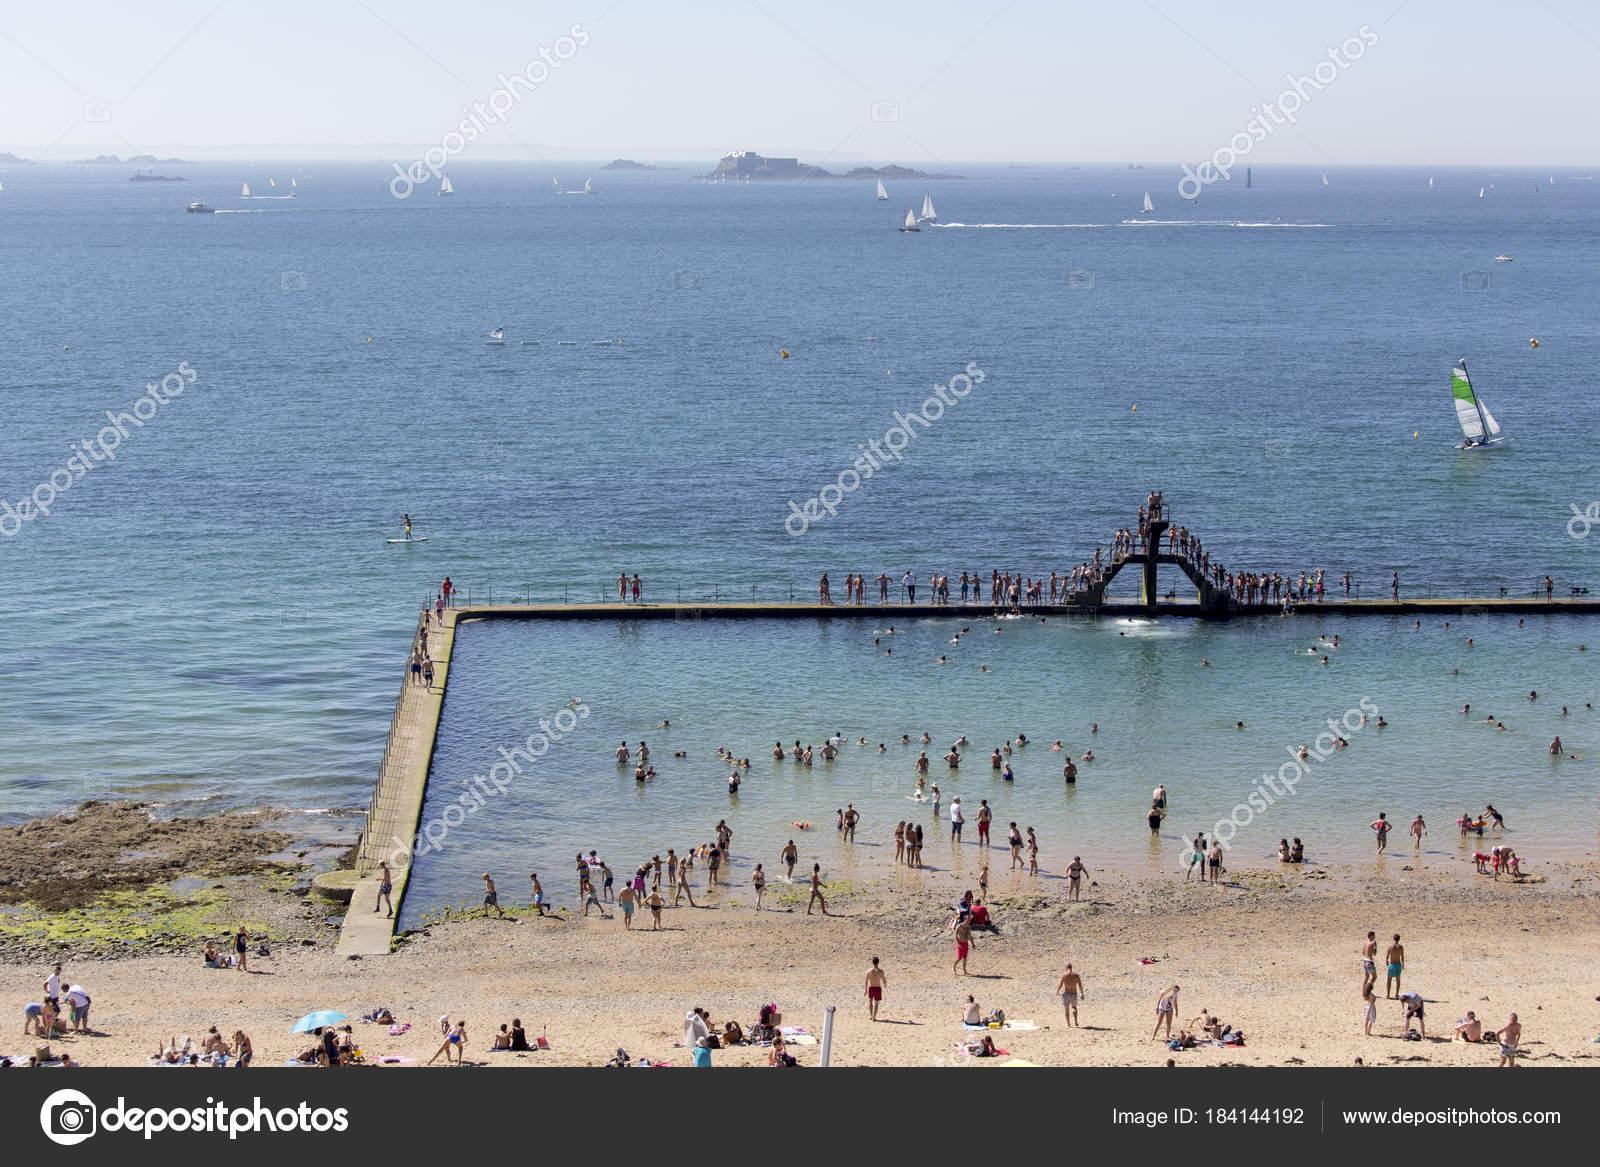 Bezaubernd Pool Salzwasser Ideen Von Salzwasser-pool Mit Menschen Schwimmen — Stockfoto